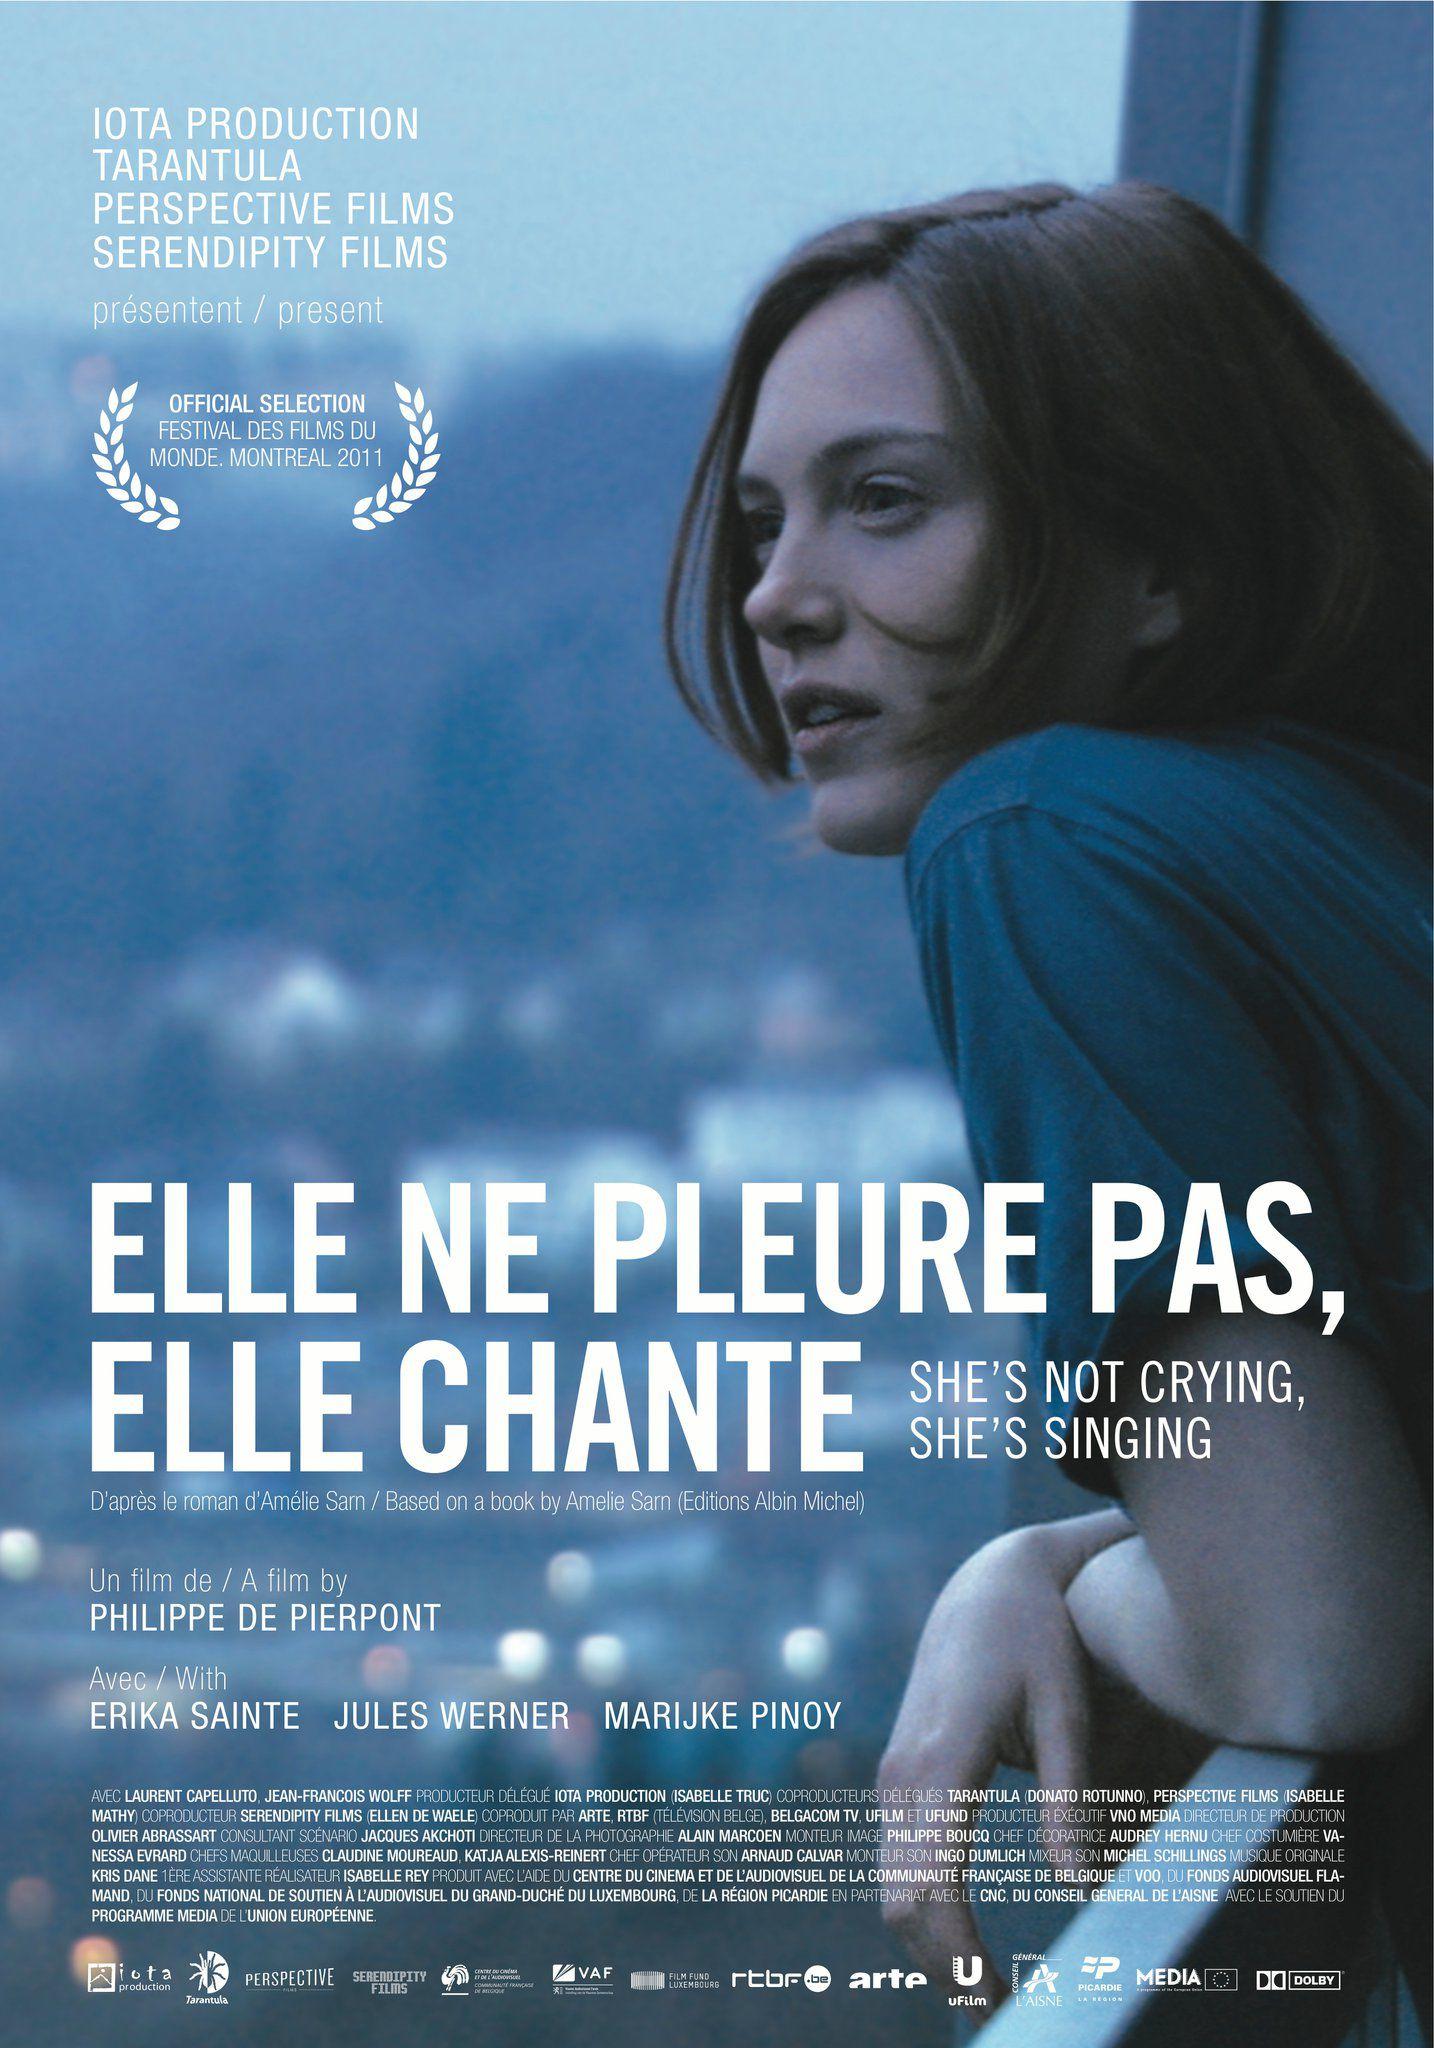 Elle ne pleure pas, elle chante - Film (2012)